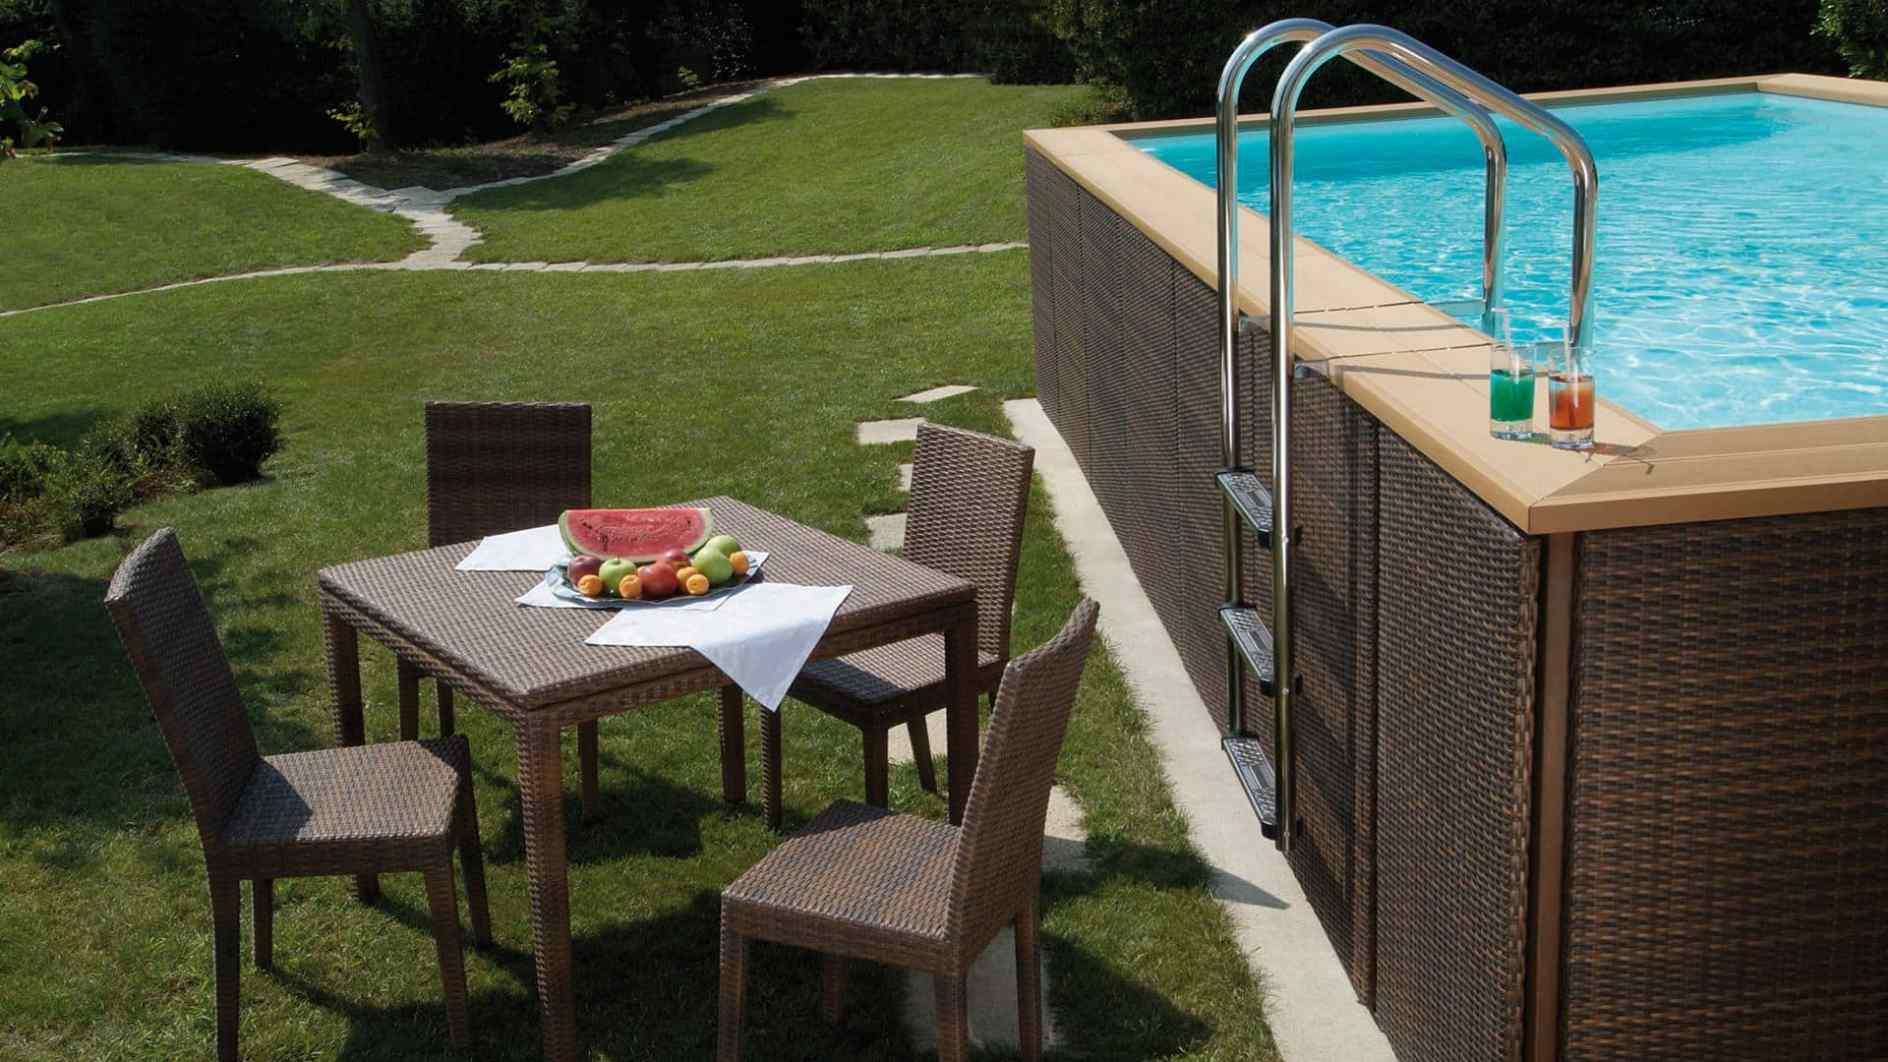 piscine hors sol bois bois composite et acier - Piscine Hors Sol Composite